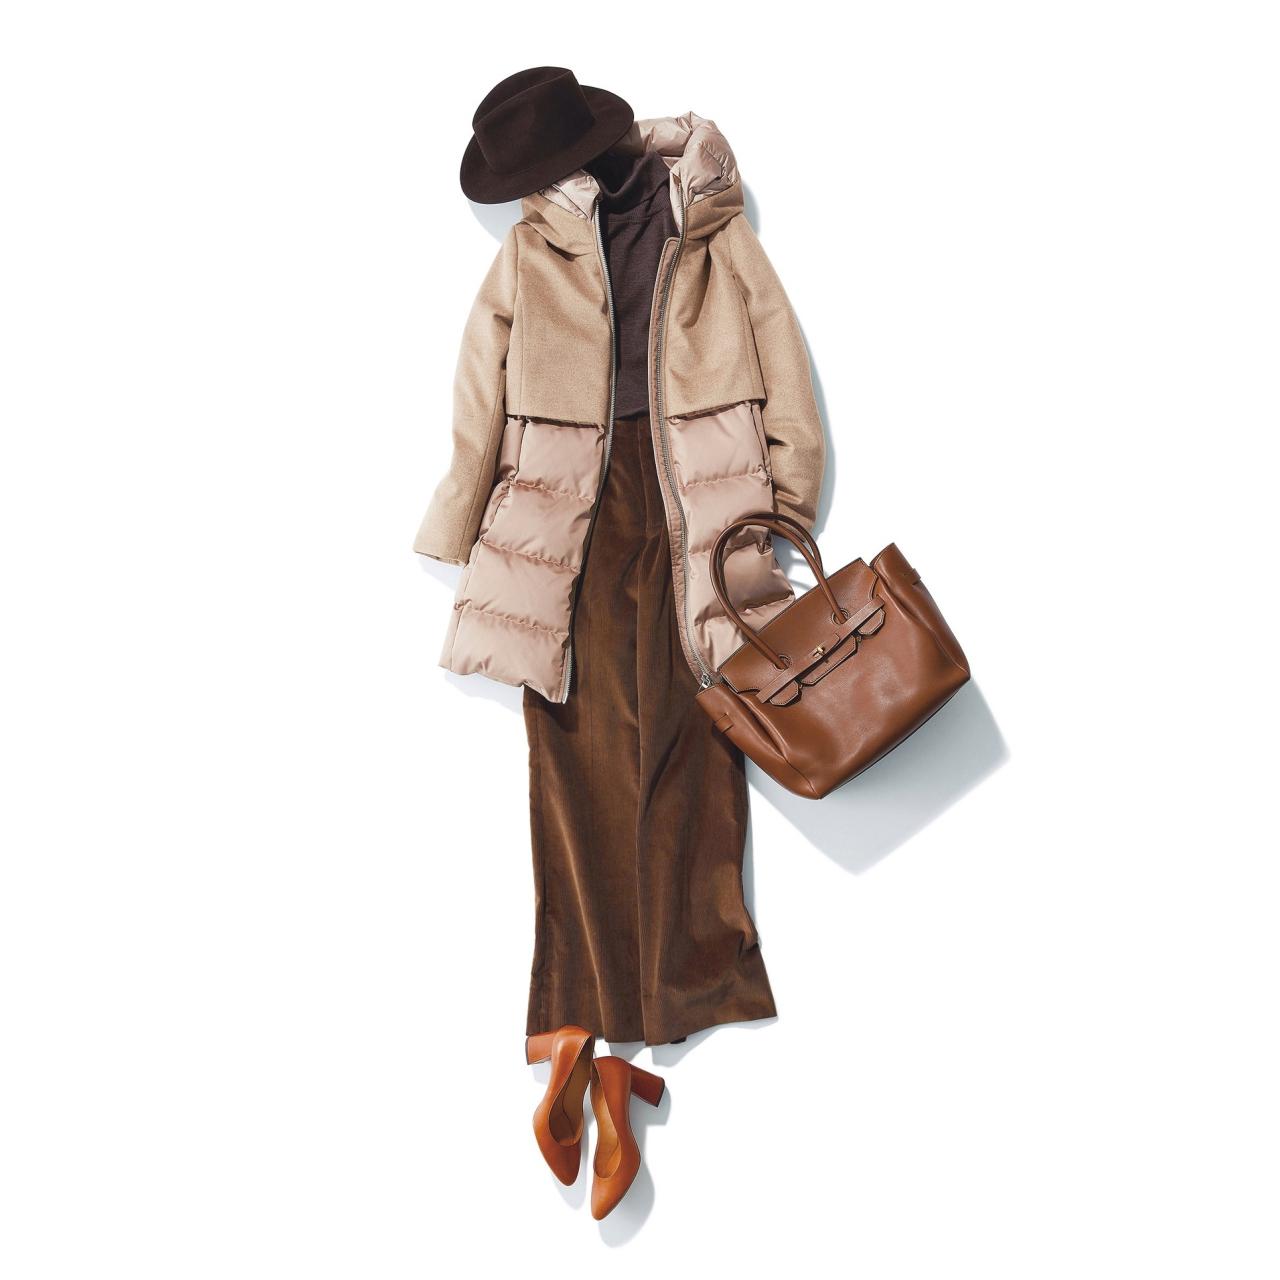 ファッション ダウンジャケット×コーデュロイパンツコーデ